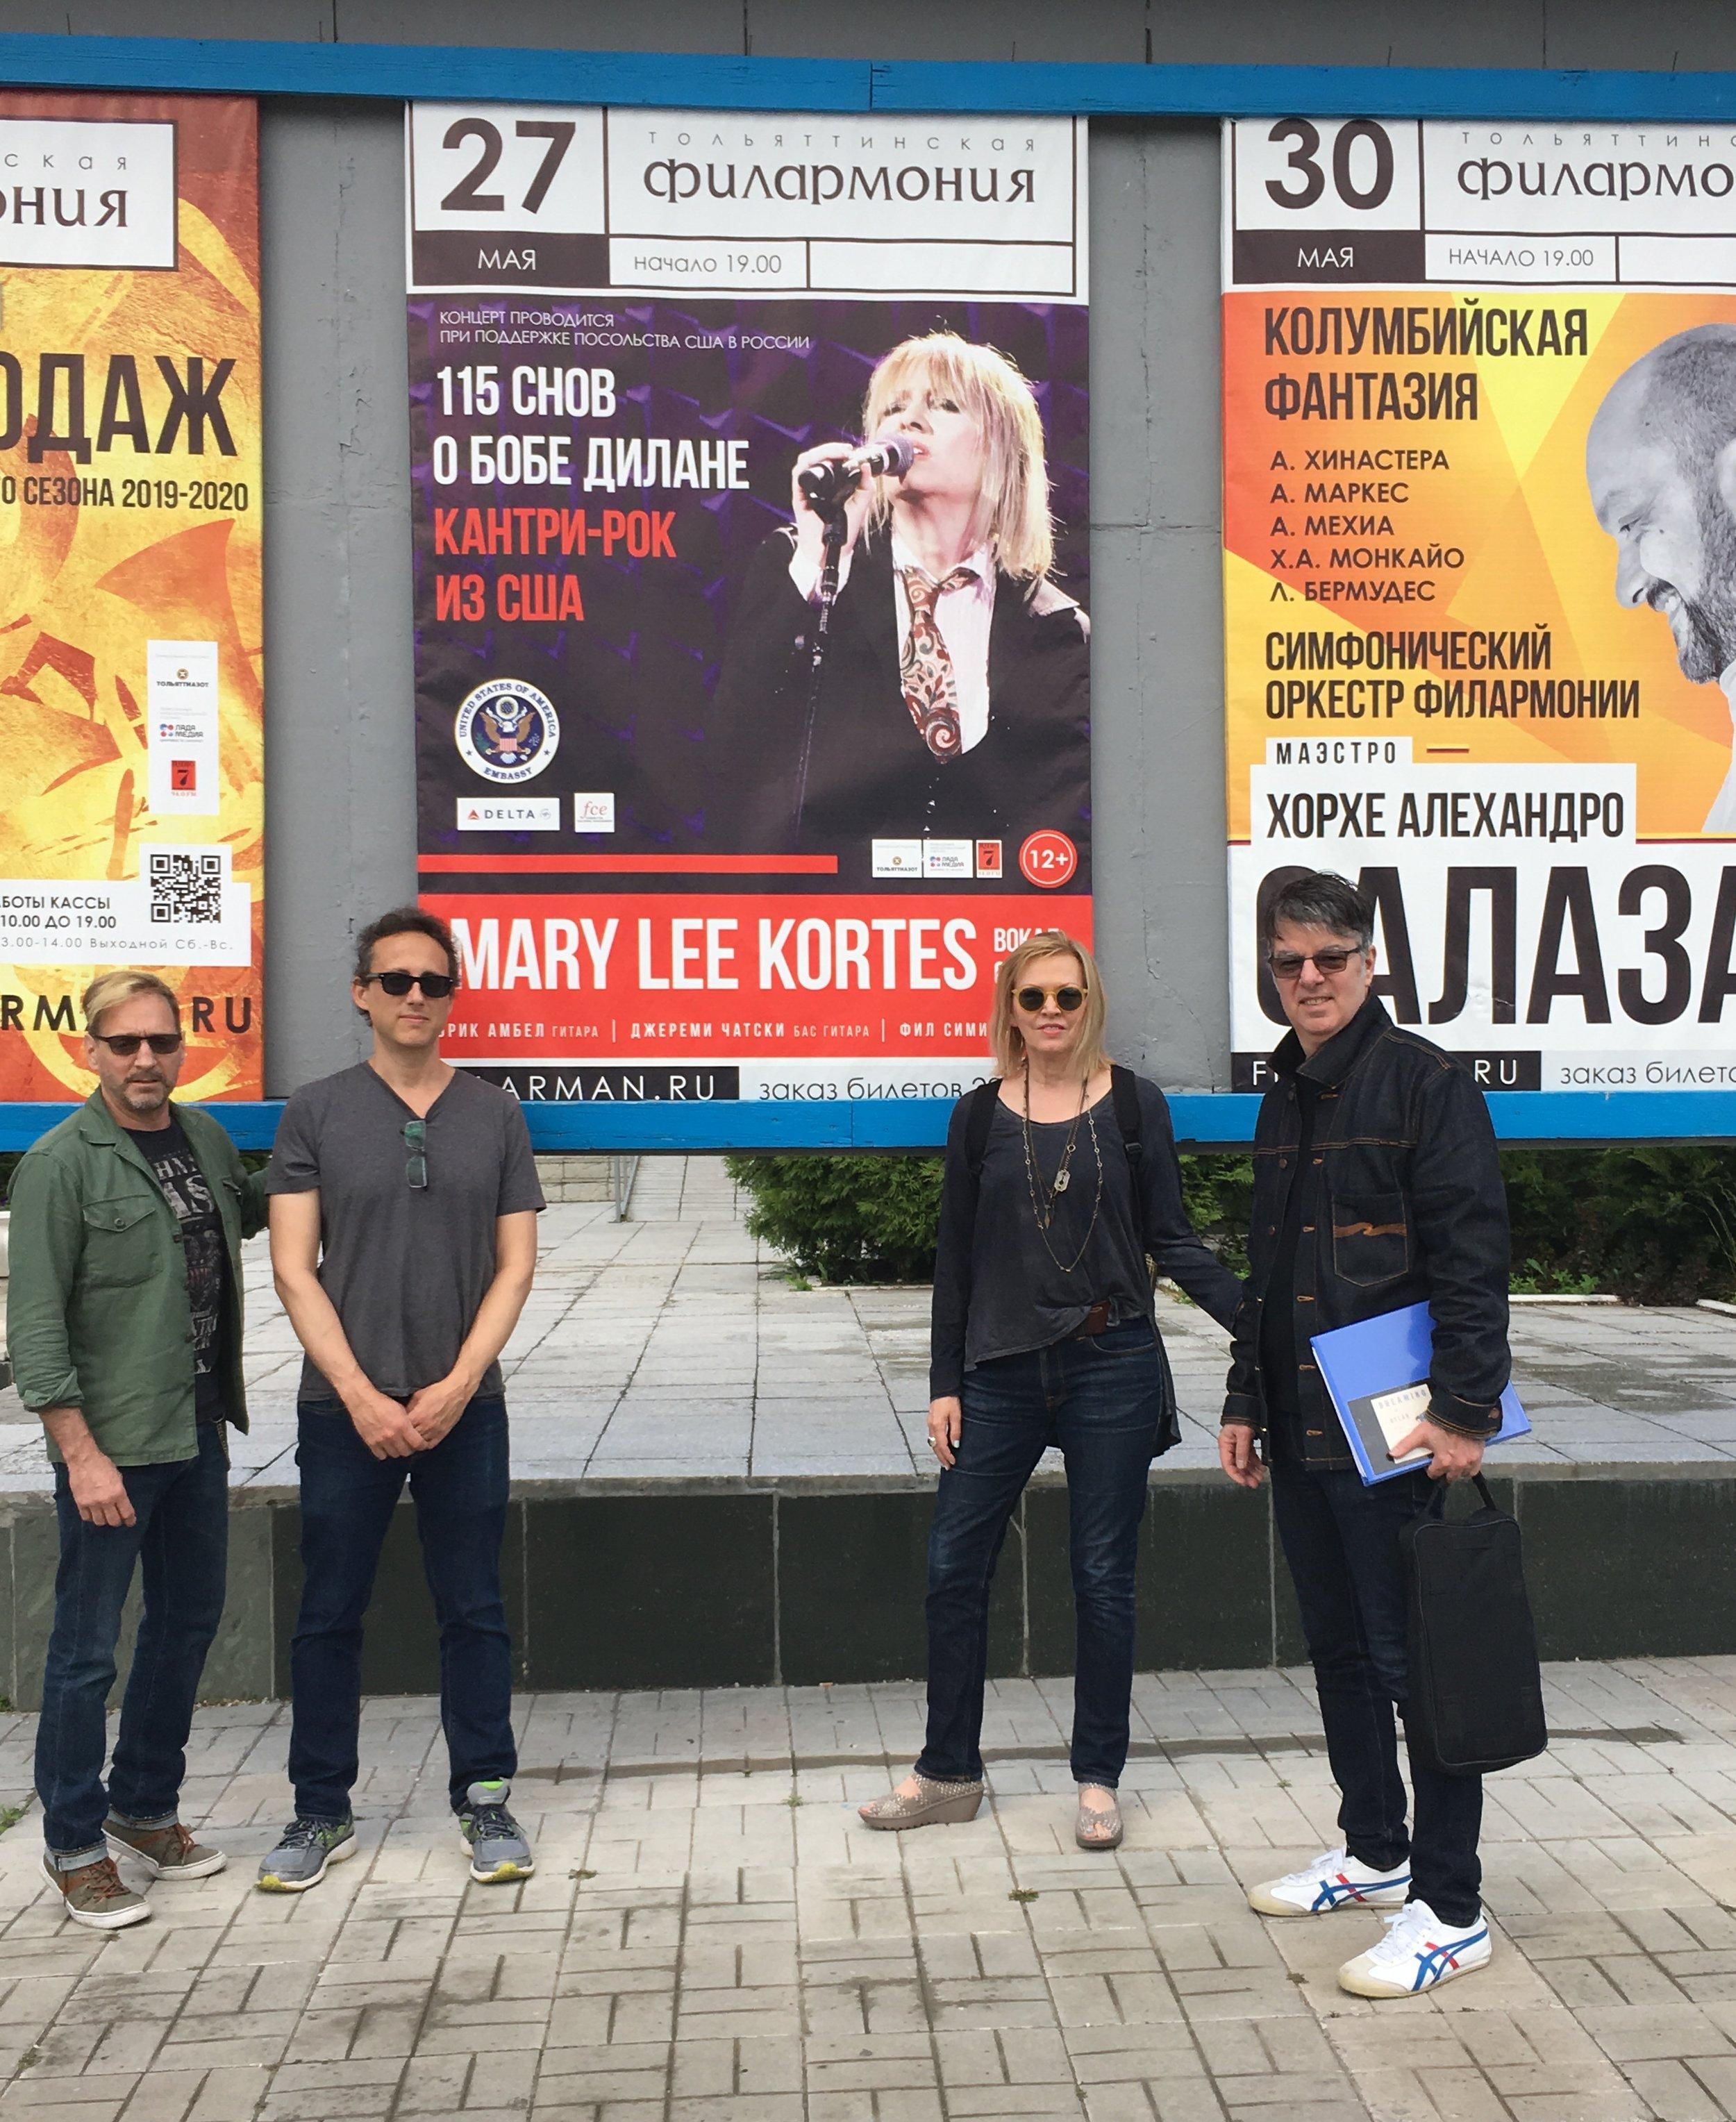 Imagine the feeling of coming across this poster. Outside the Togliatti Philharmonic, Togliatti, Russia.